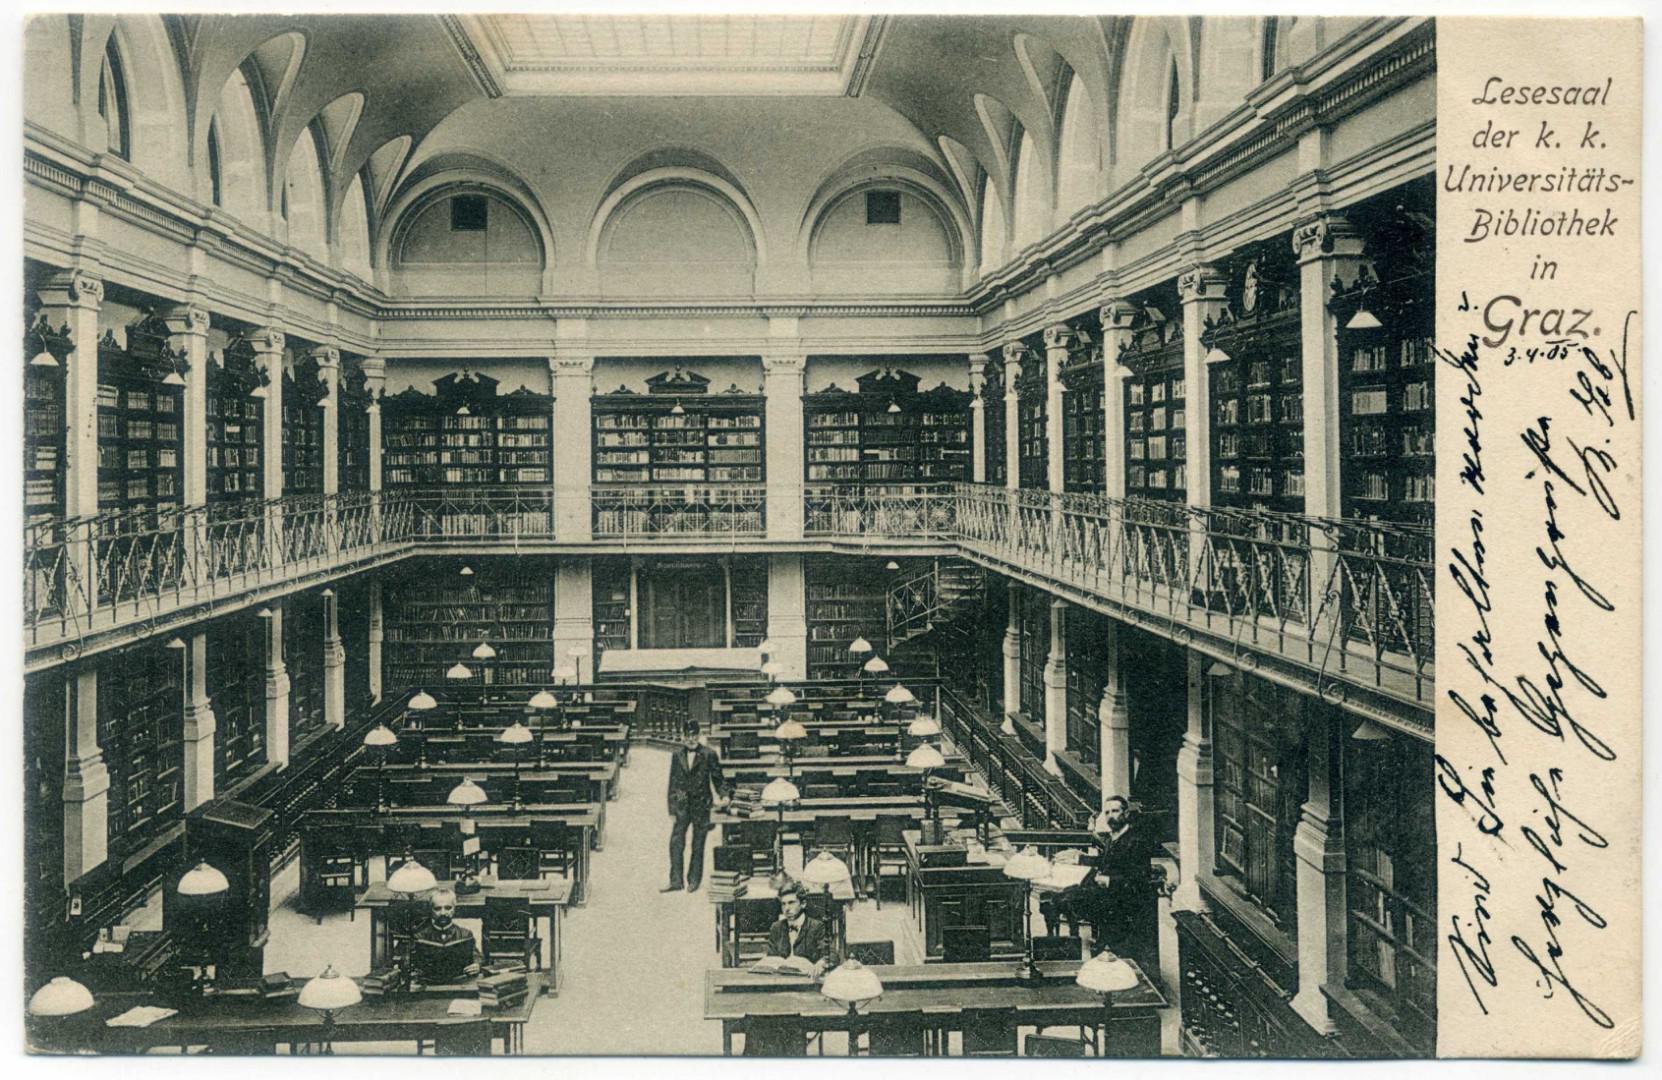 Graz Universitätsbibliothek